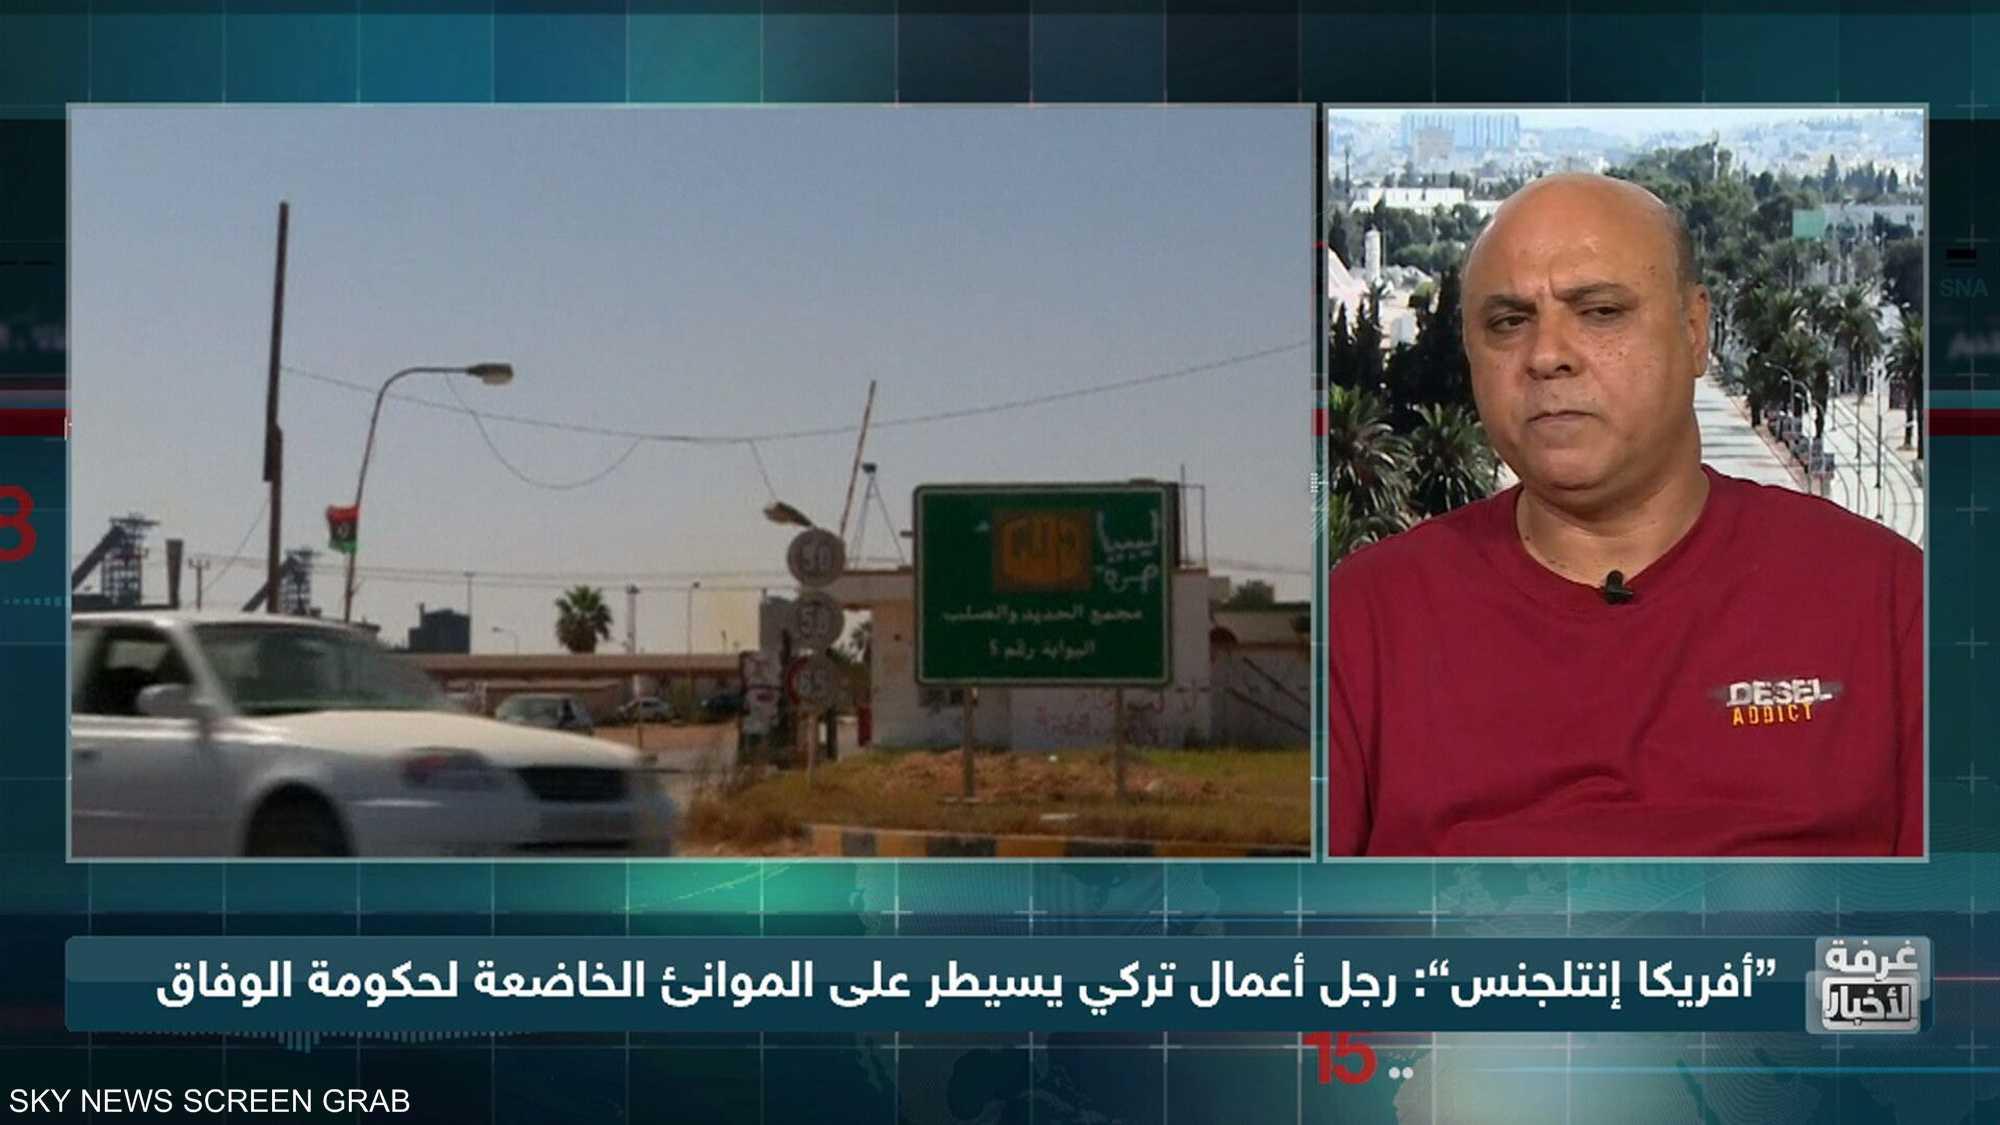 تركيا والاقتصاد الليبي.. استثمار في الفوضى